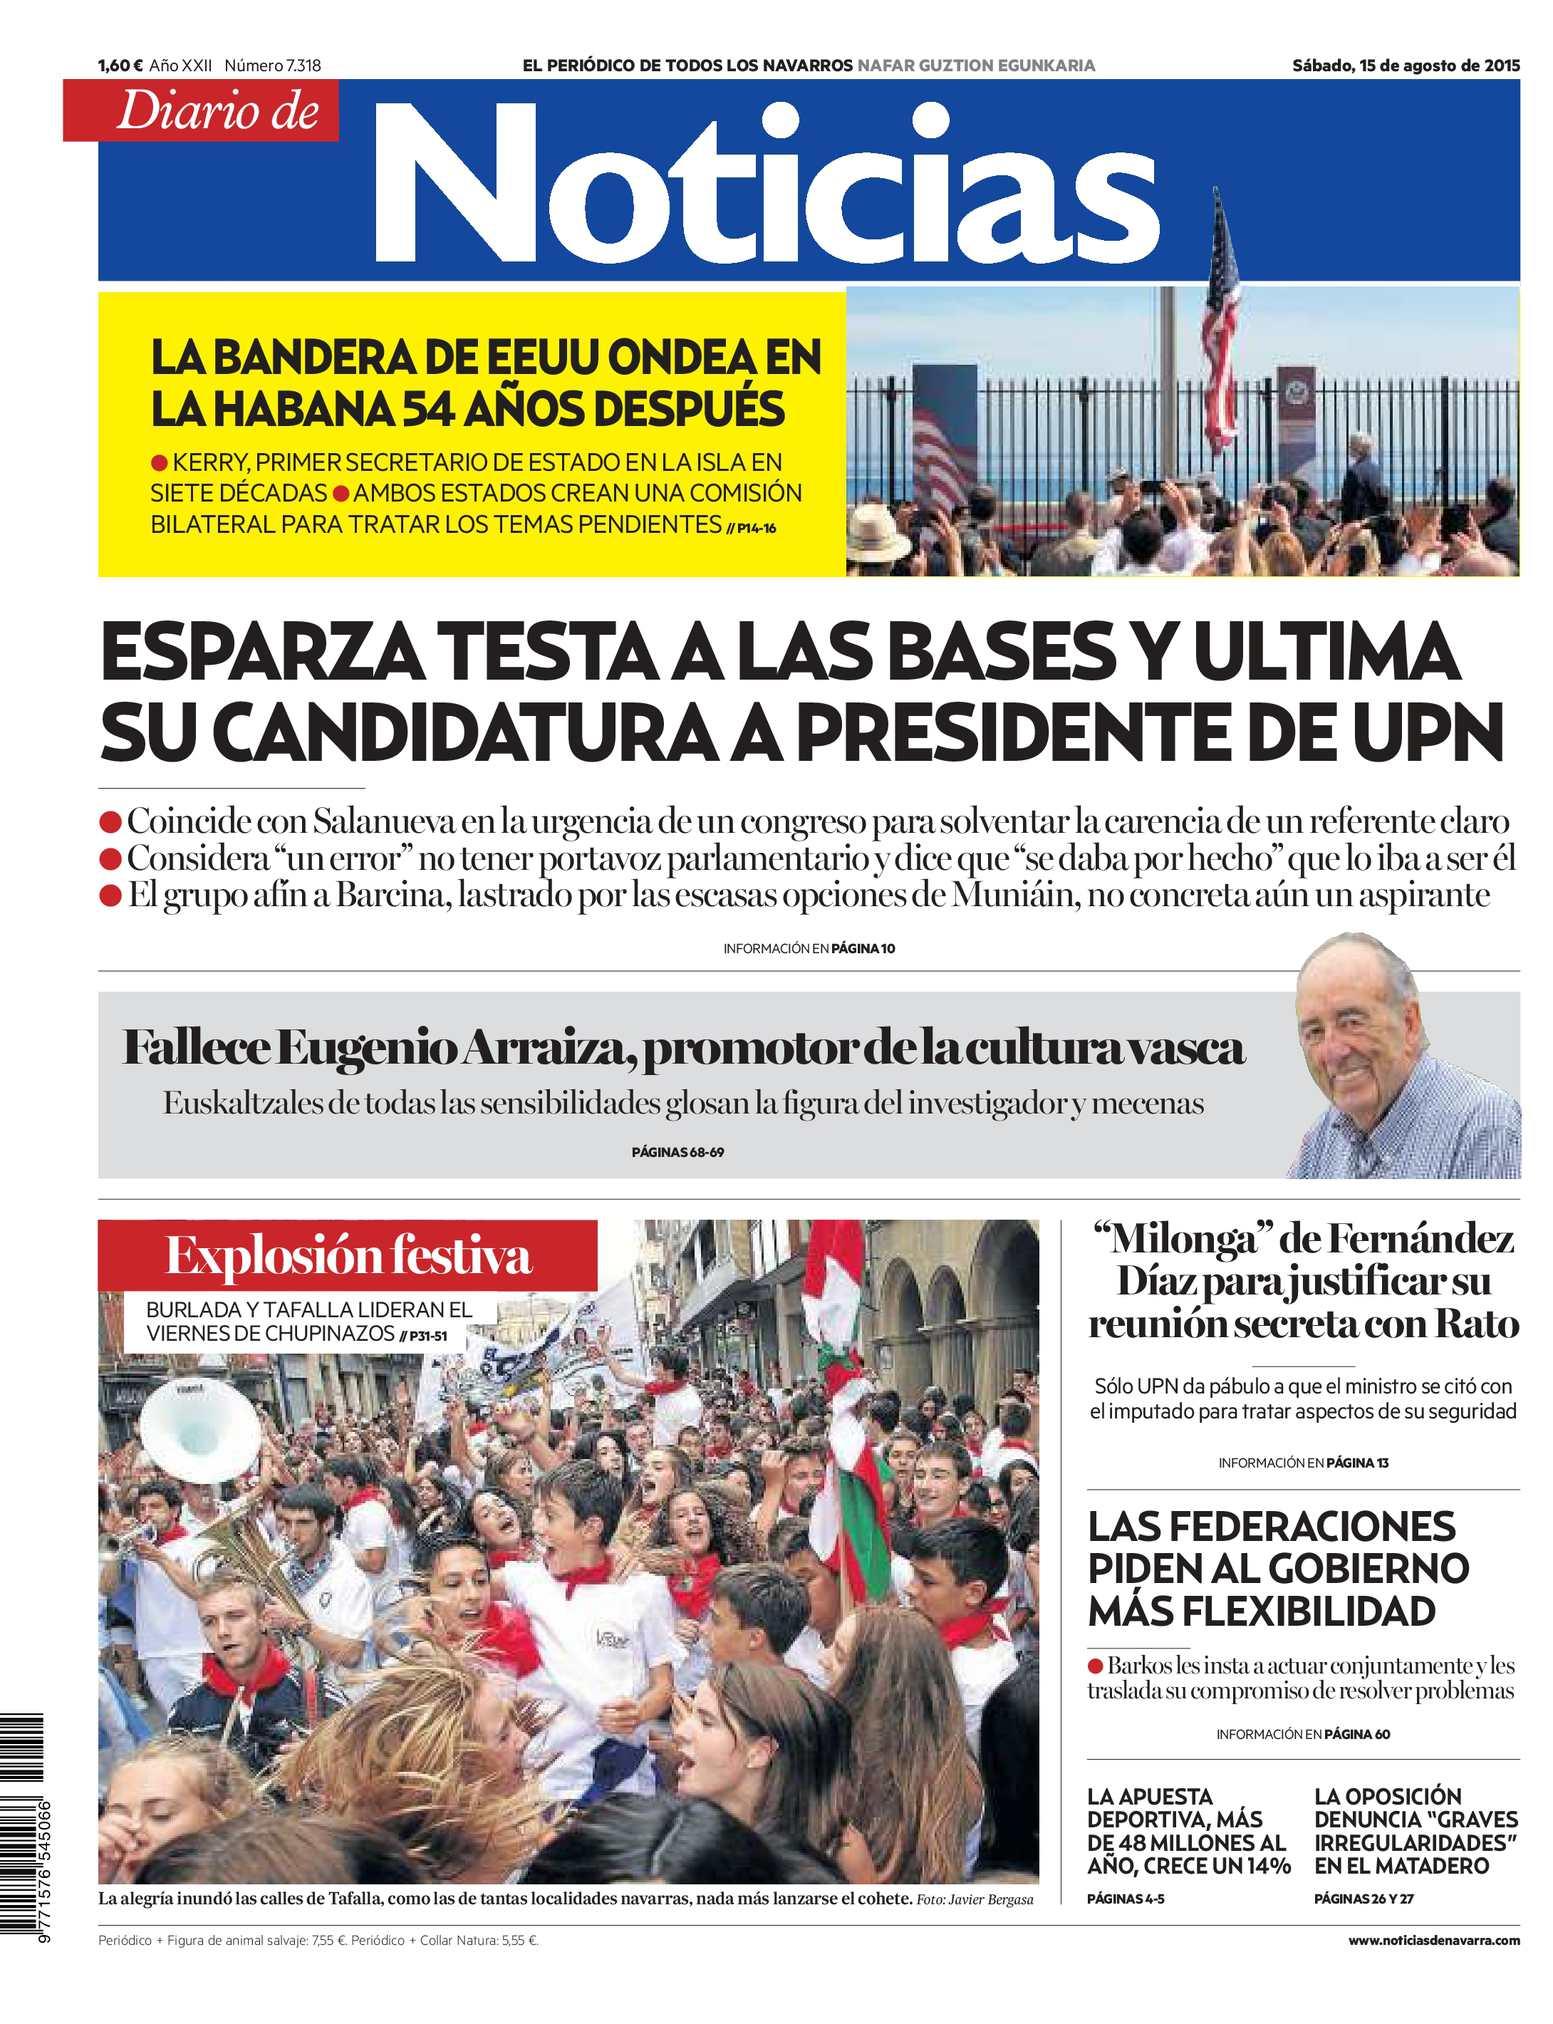 Lituana centro a con grandes tetas catalán mu cariñoso solo pasivo 2350